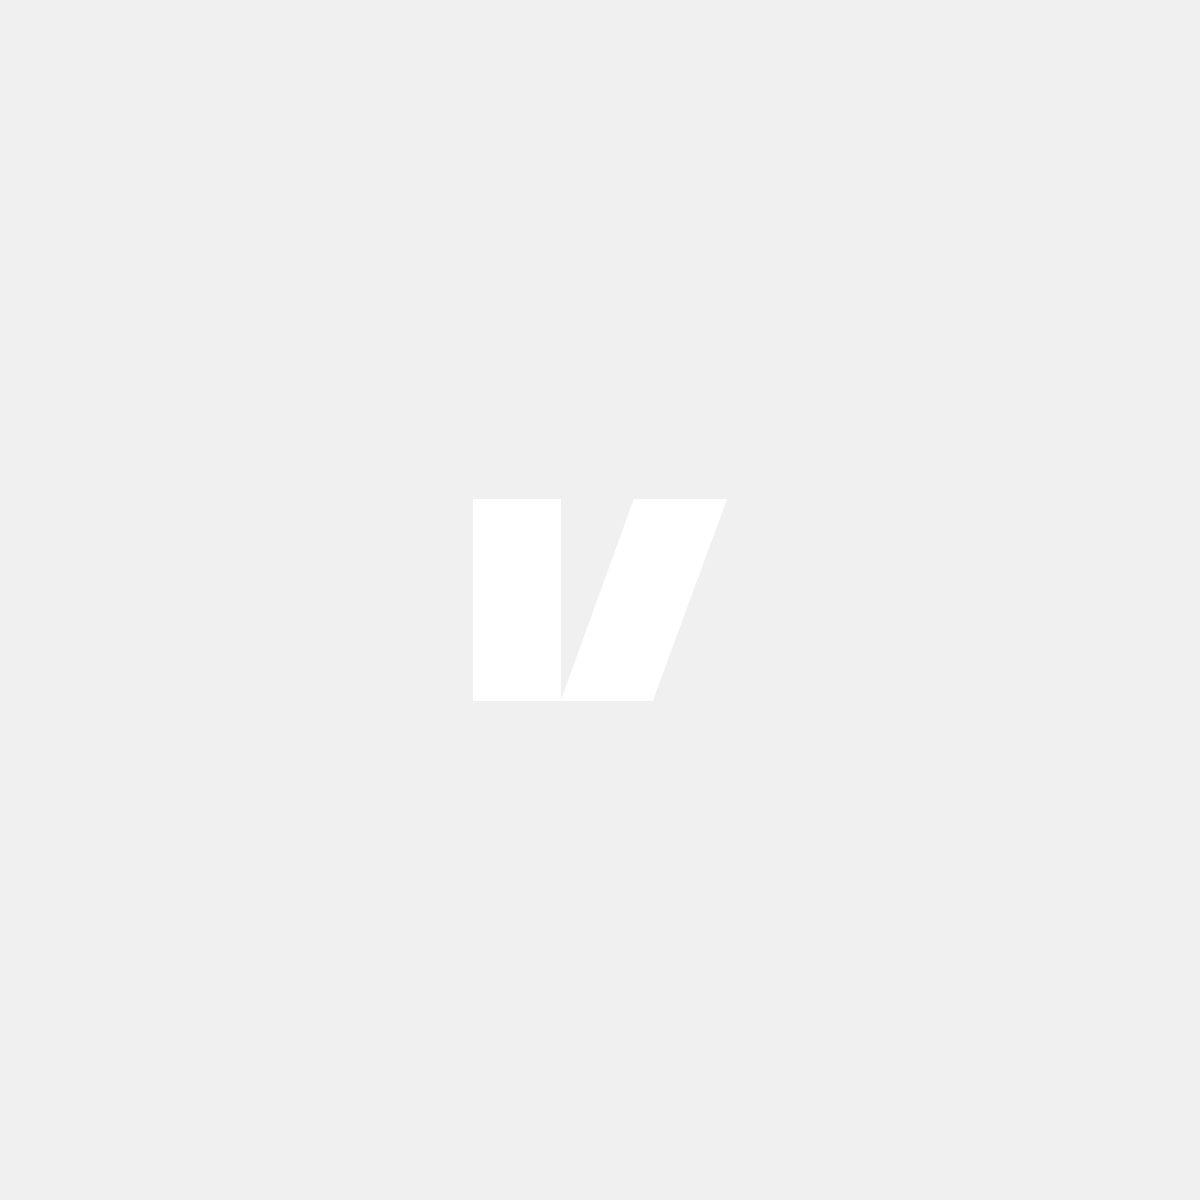 Monteringssats bromsbelägg bak till Volvo 850, S70, V70